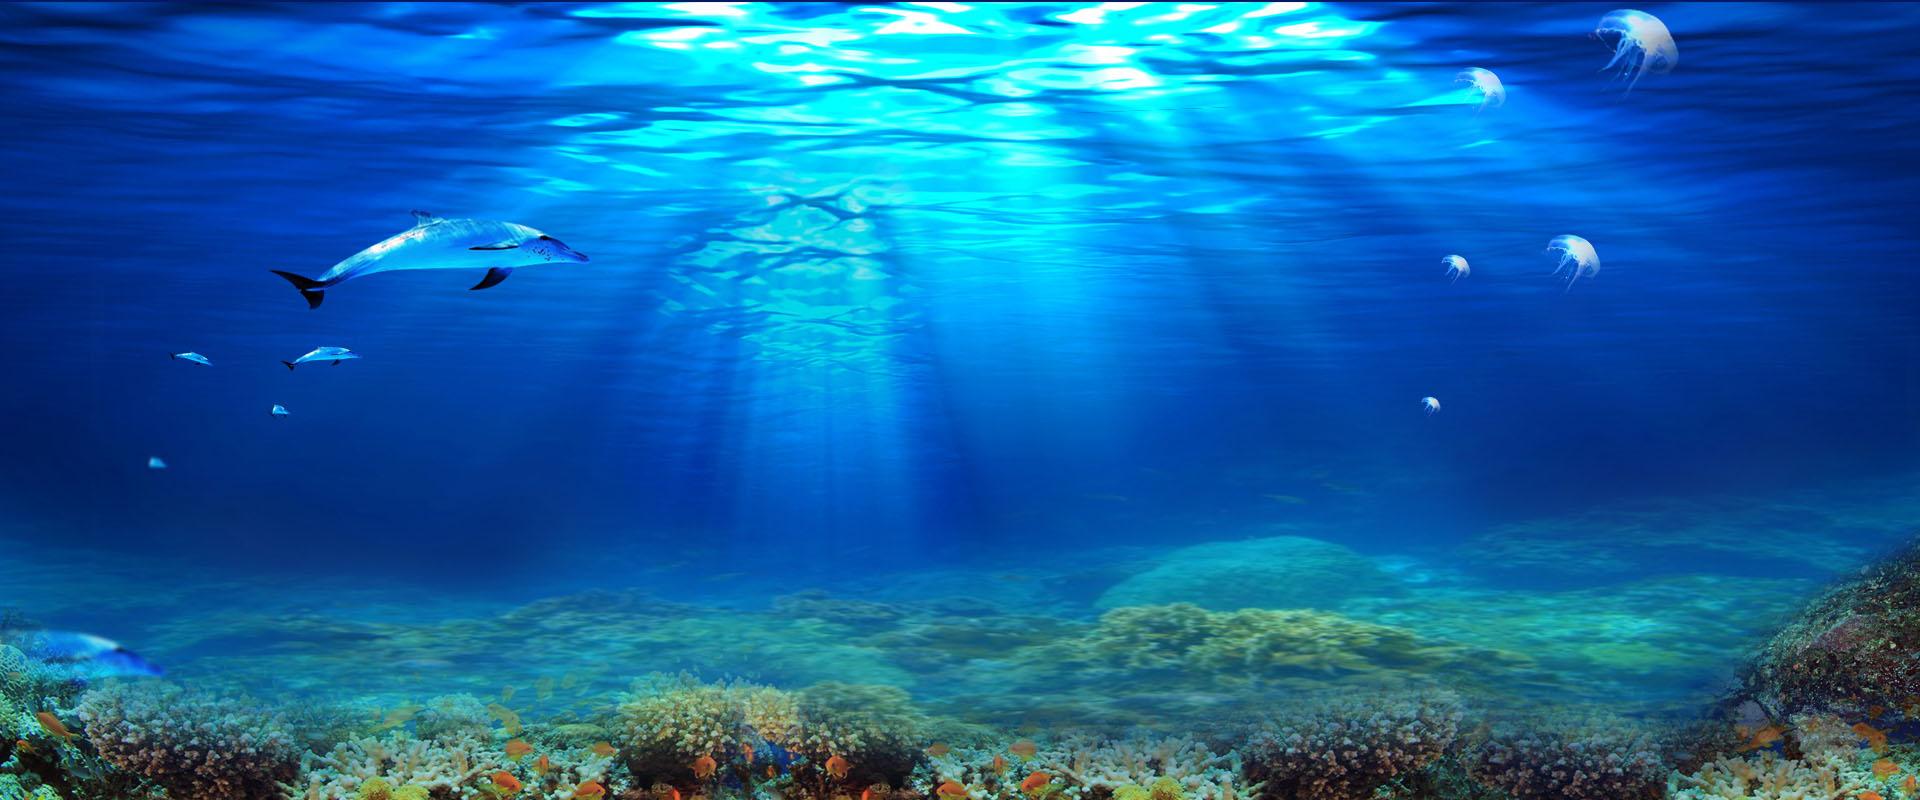 mer ocean de l u0026 39 eau sun contexte aquarium plage le paysage